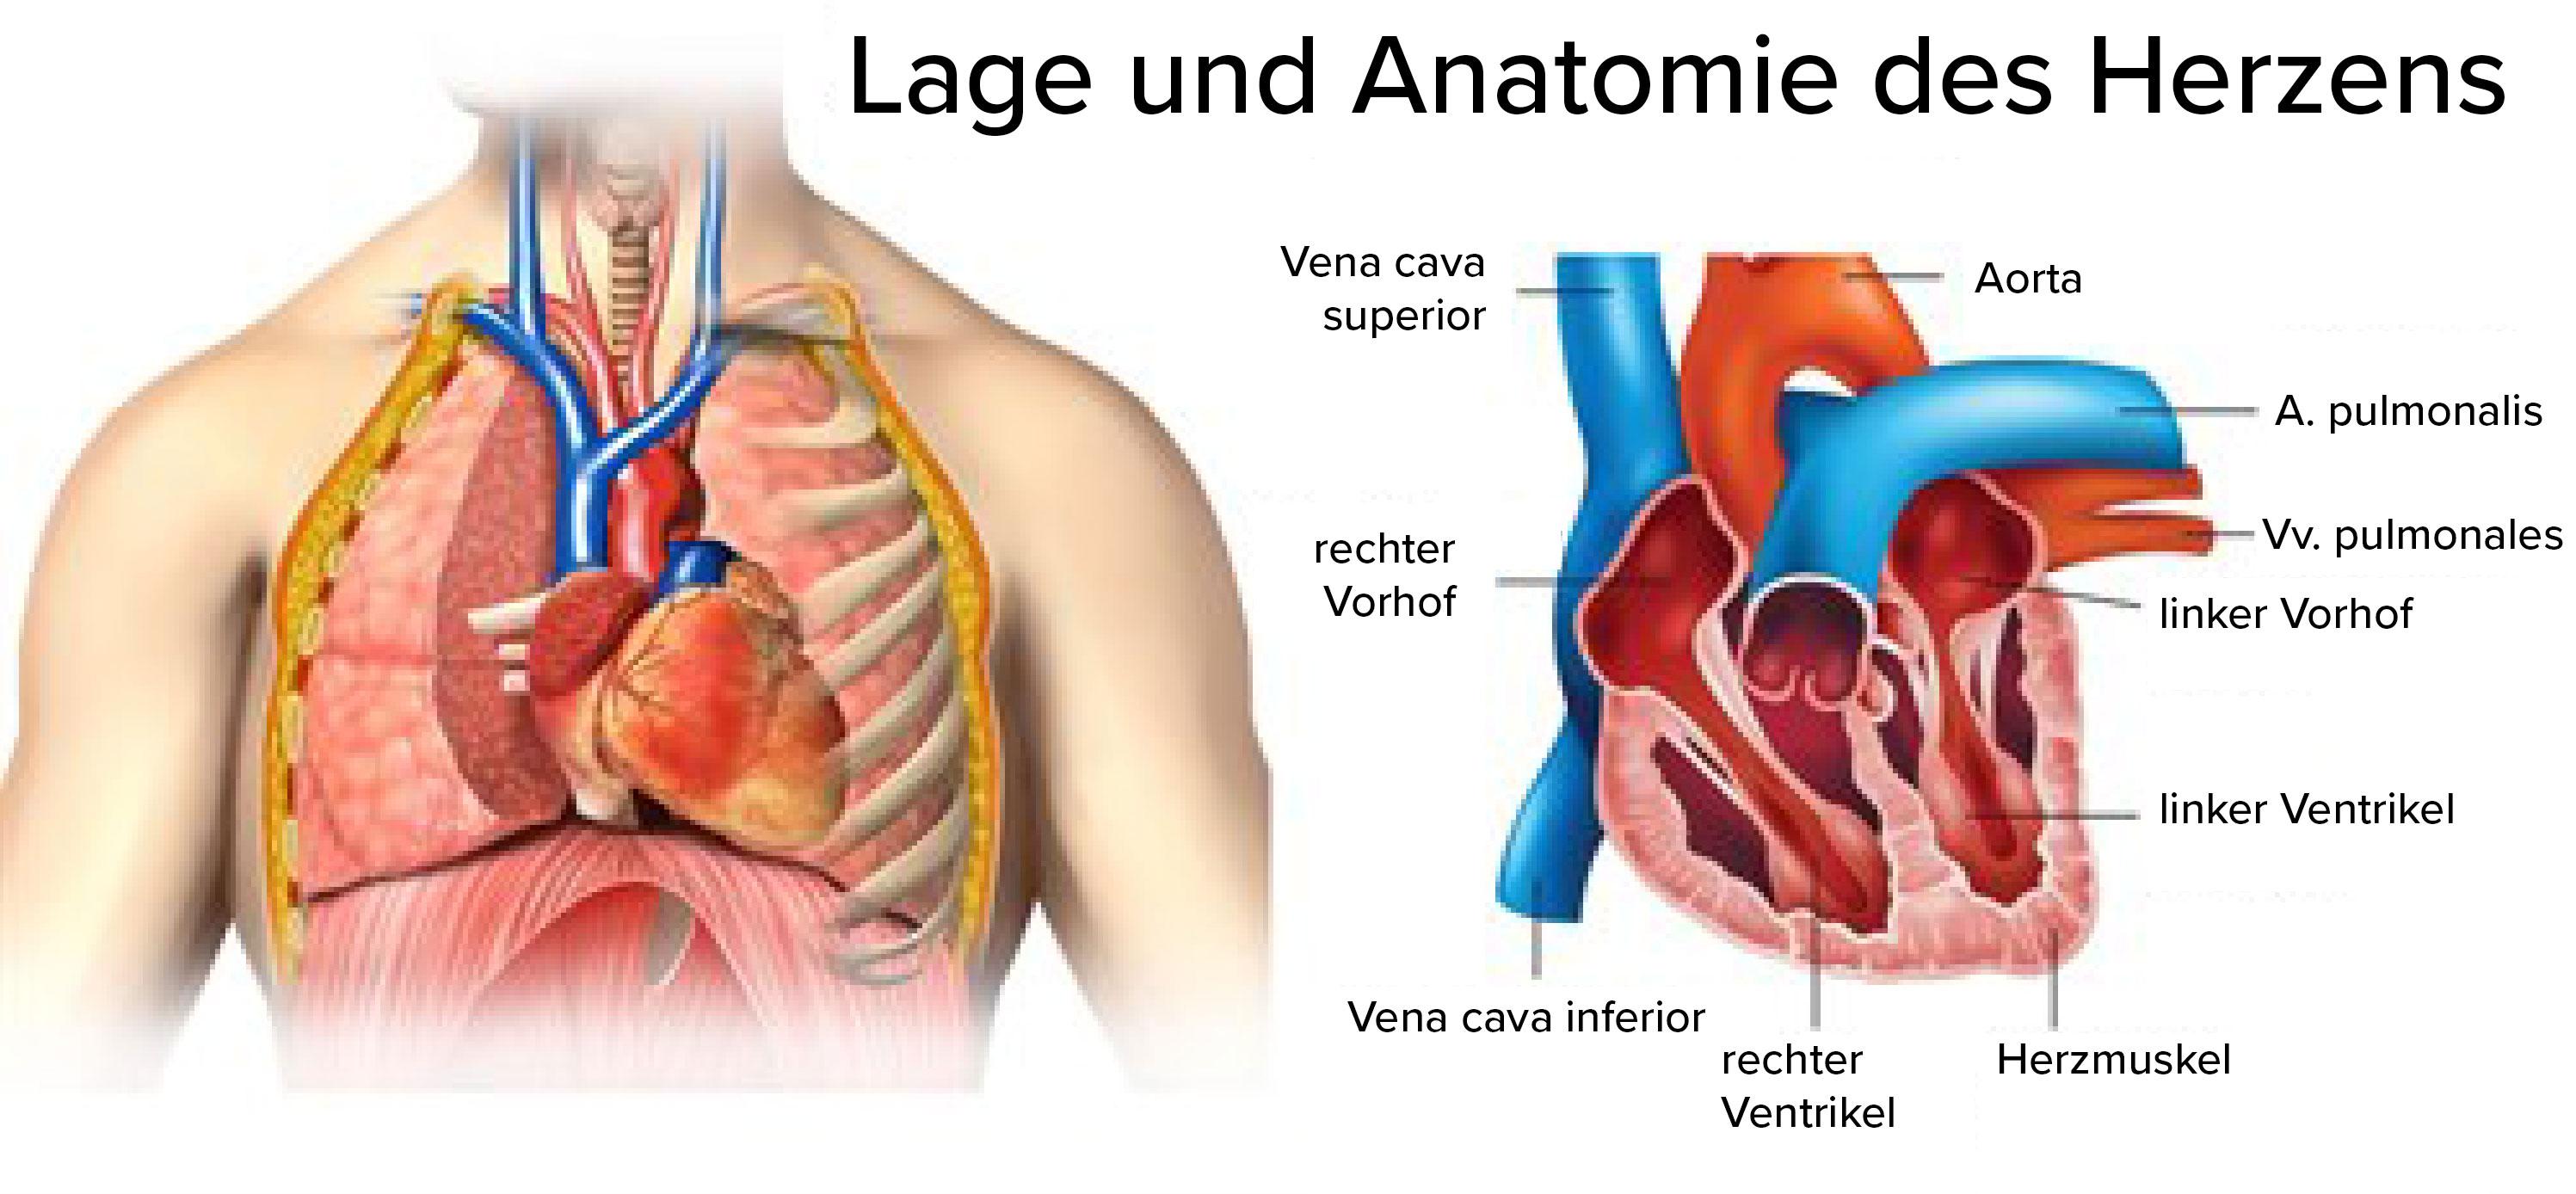 Herz, Lage und Anatomie.jpg